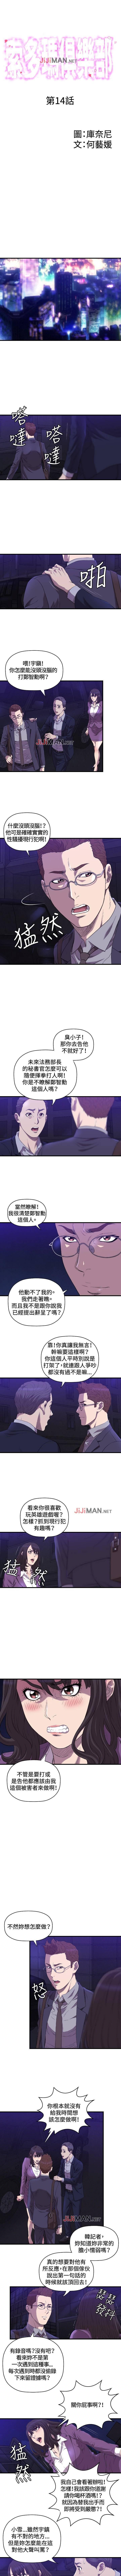 【已完结】索多玛俱乐部(作者:何藝媛&庫奈尼) 第1~32话 66